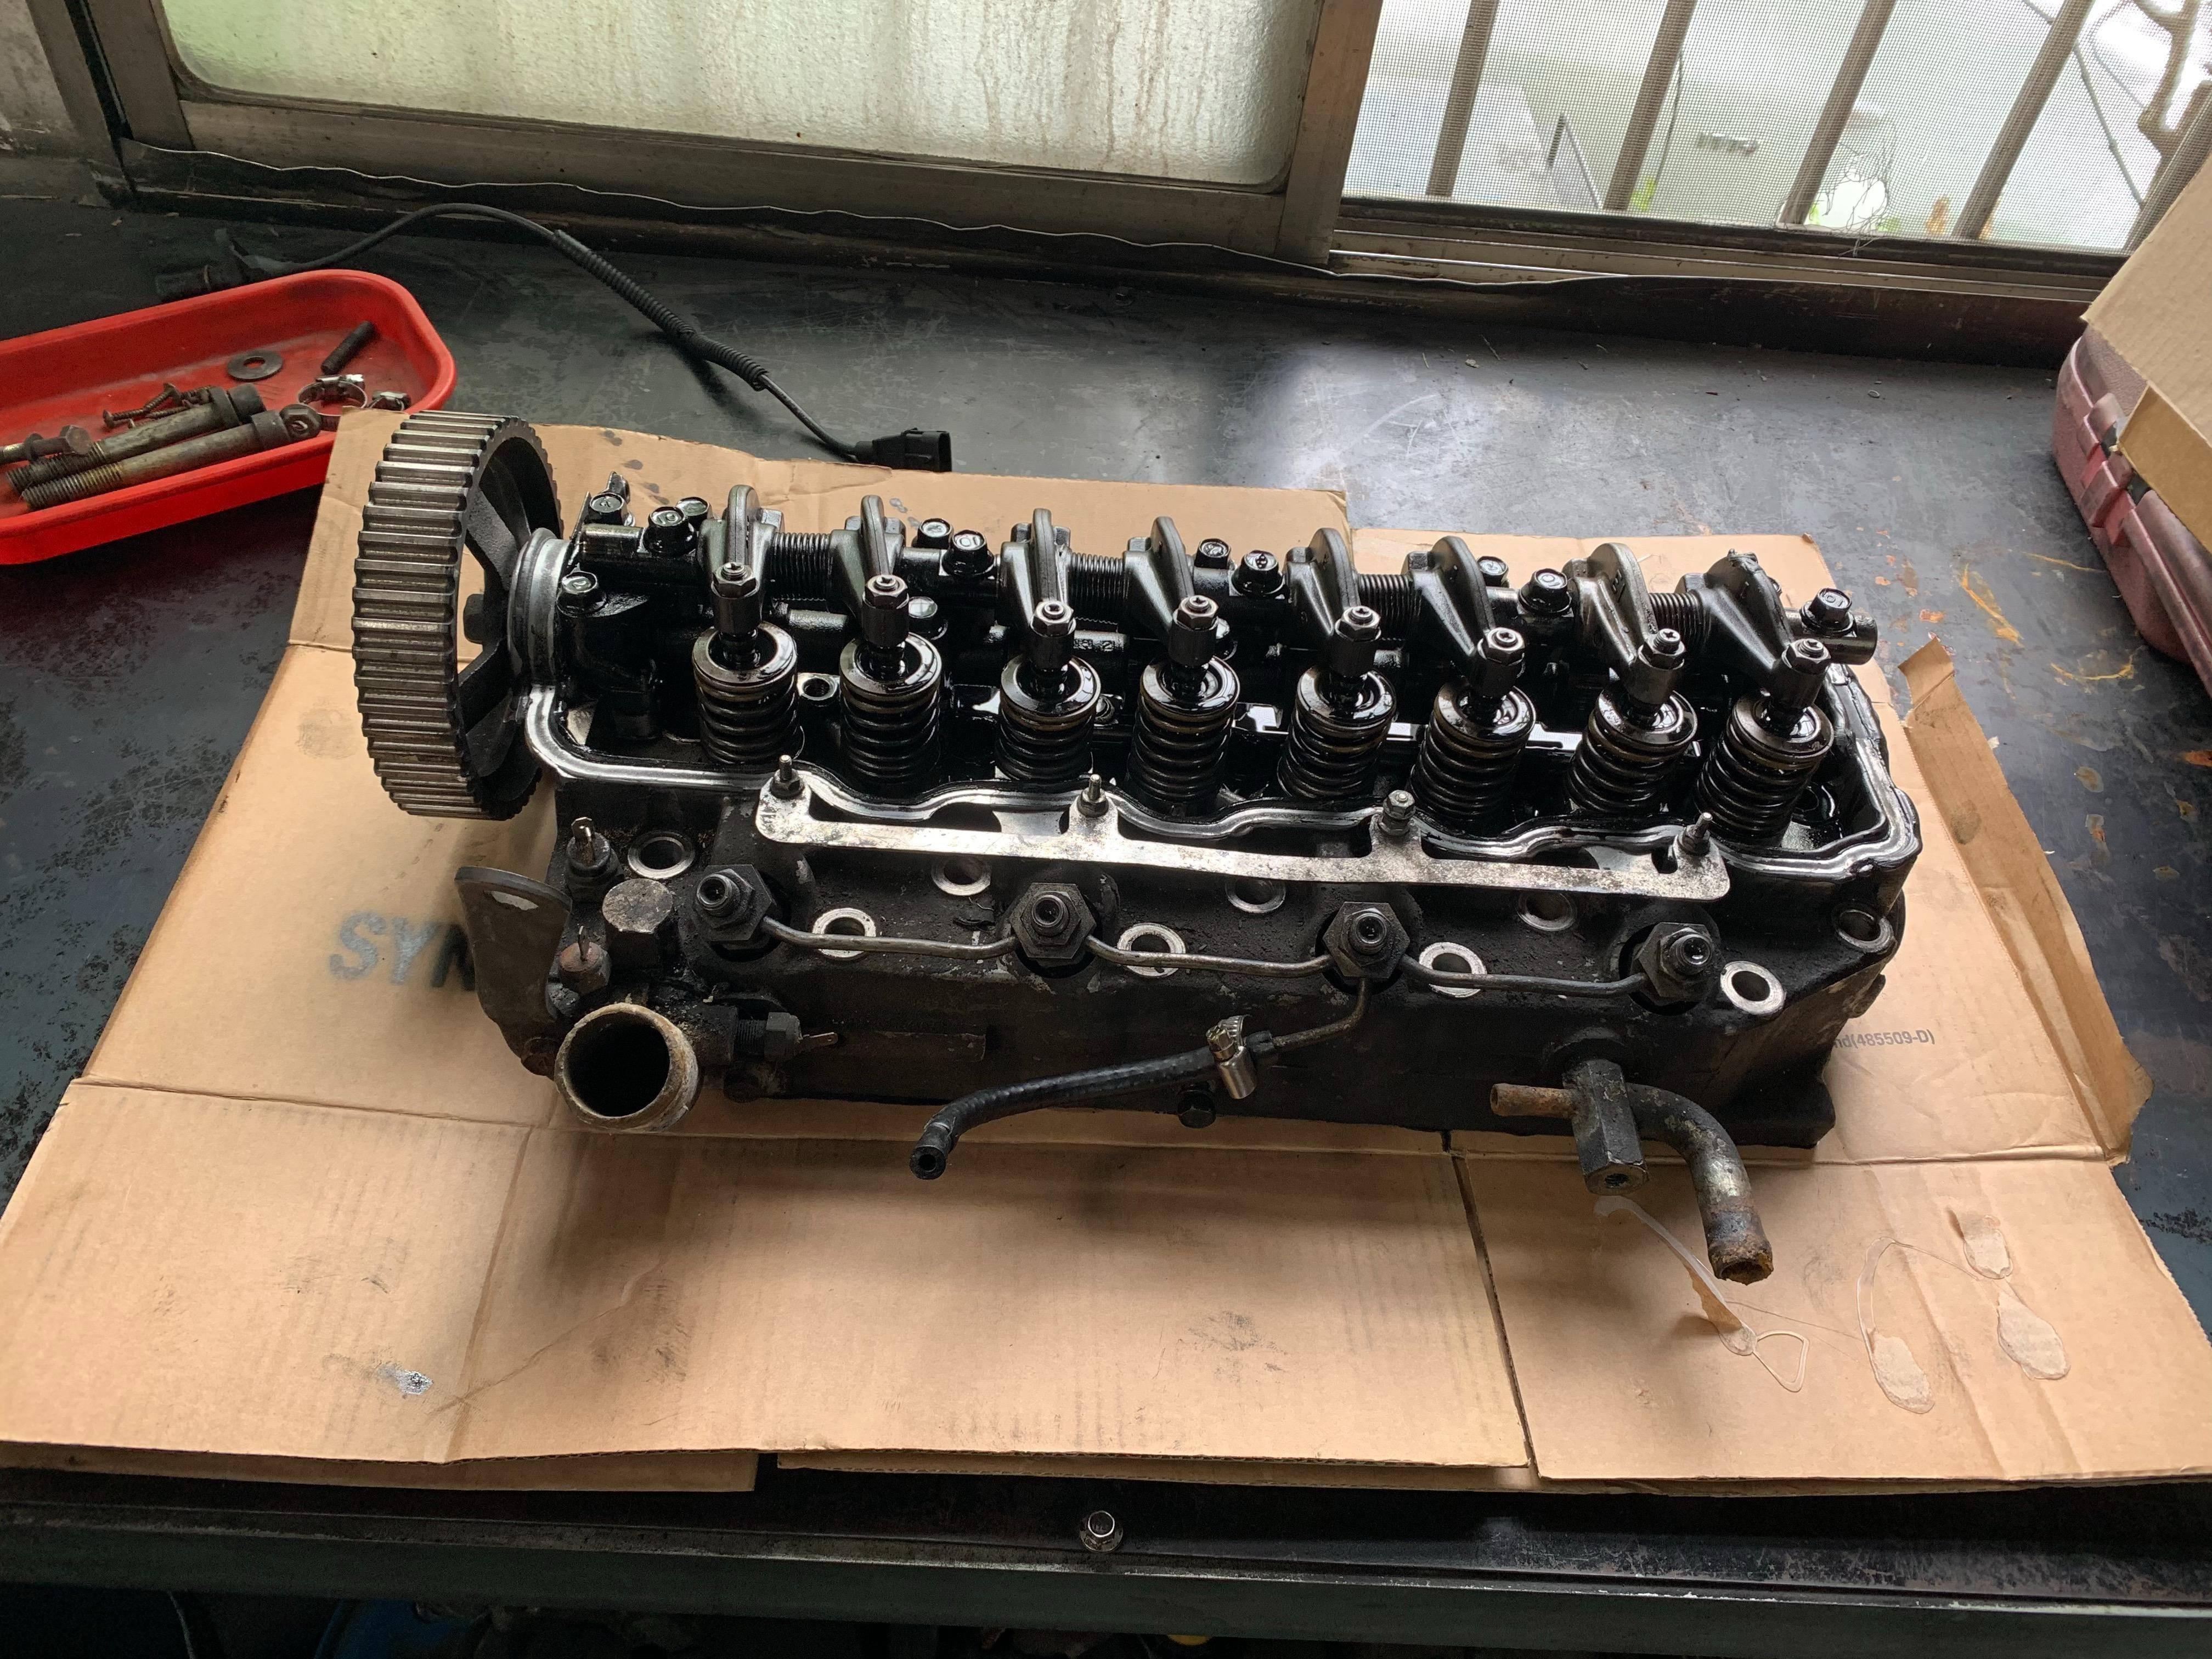 【振傑汽車】三菱/MITSUBISHI DIESEL 引擎大修#車吃機油#汽缸問題#活塞問題#磨損嚴重